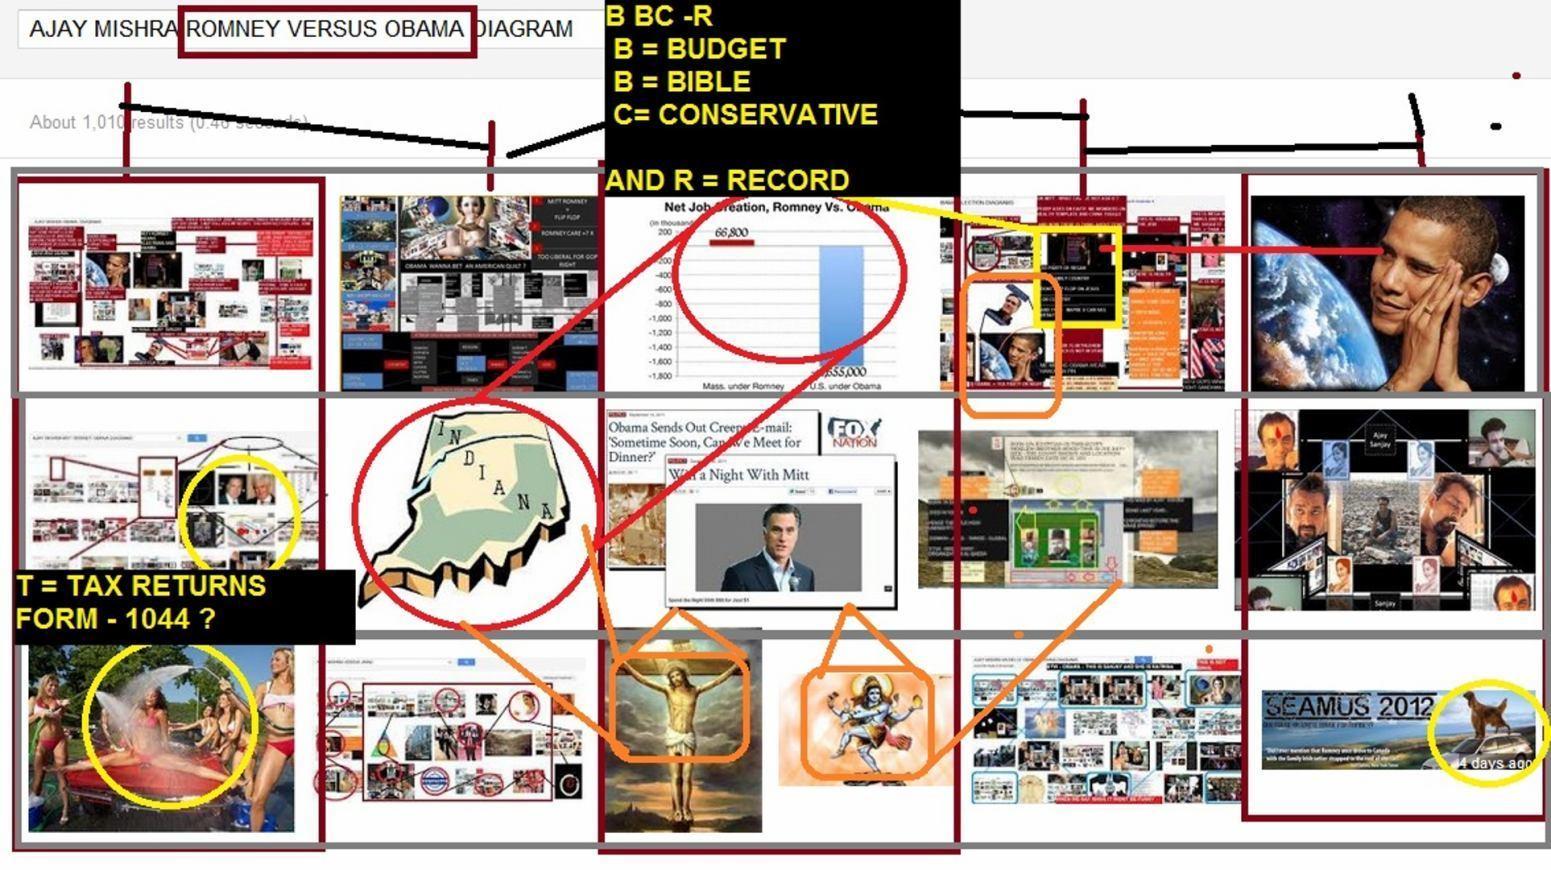 ajay_mishra_romney_versus_obama-diagram-1